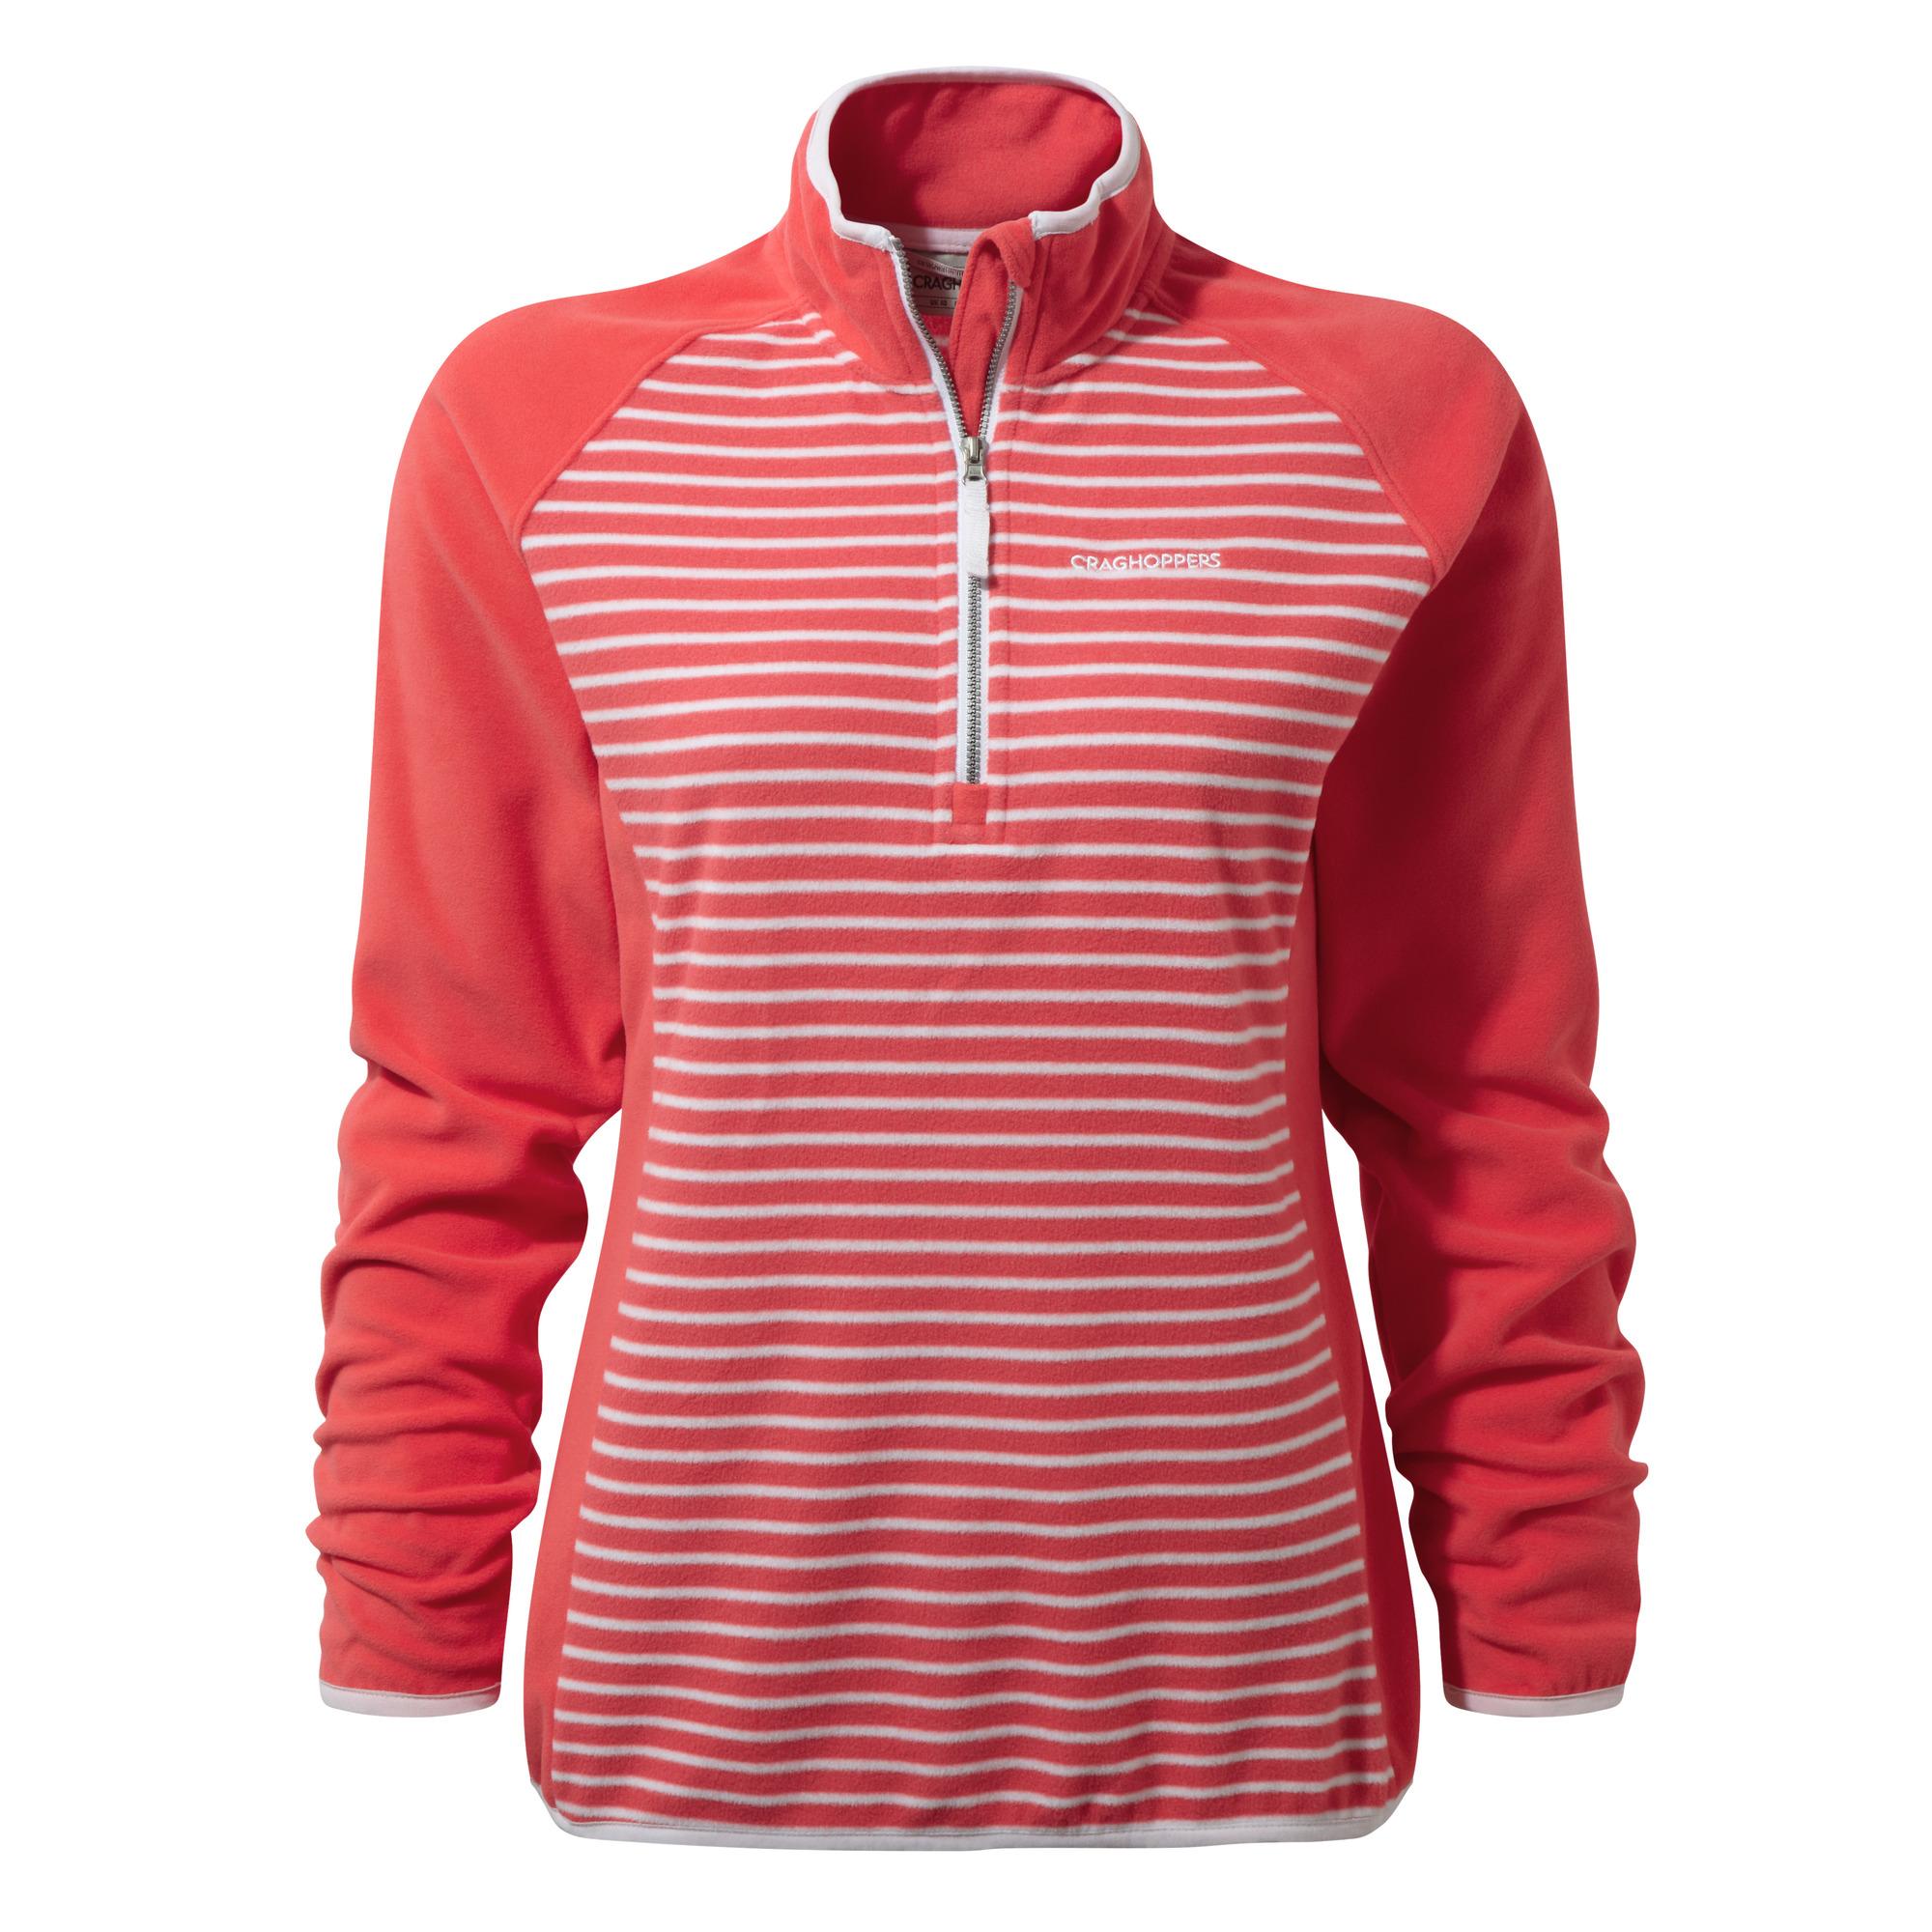 Craghoppers-Womens-Ladies-Tille-Half-Zip-Striped-Fleece-Top-CG262